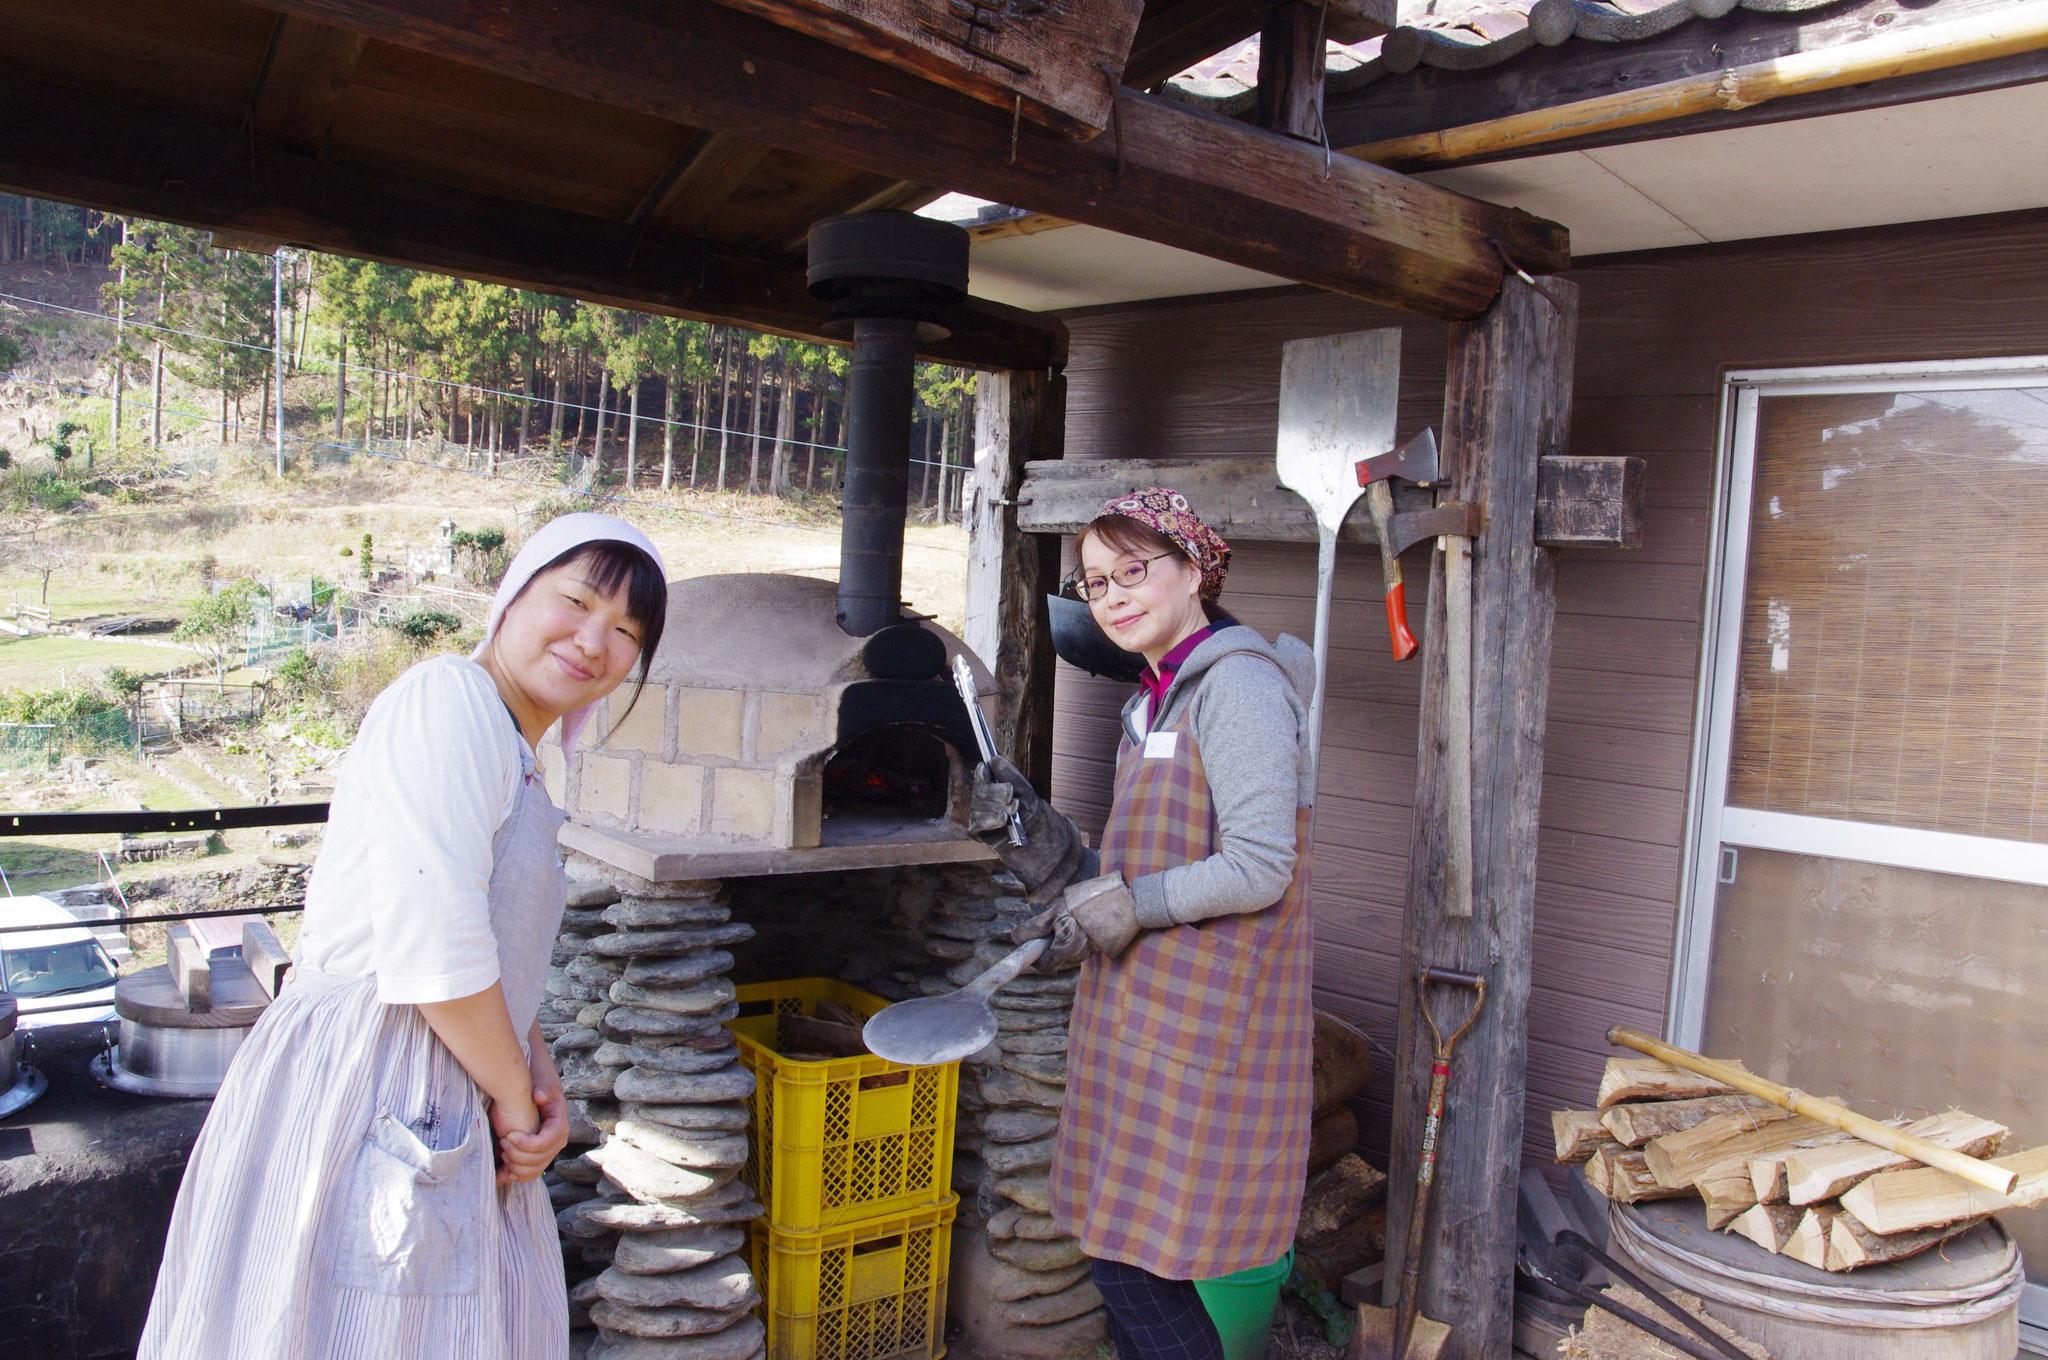 具材を盛りつけたら、窯の火入れ担当、スタッフちえちゃんと一緒に、ピザ焼き体験。